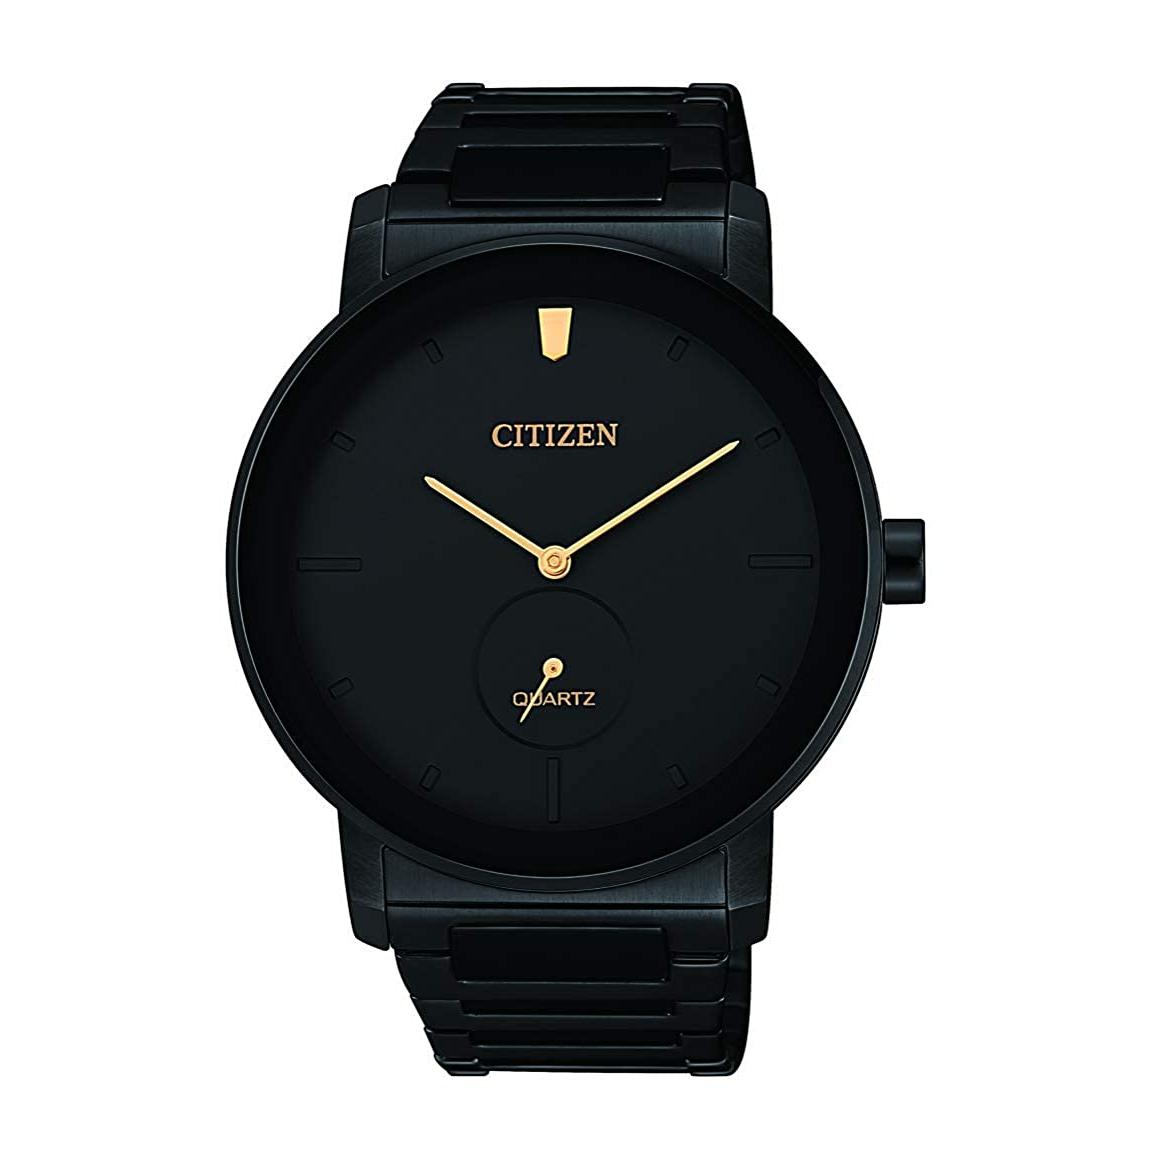 قیمت و خرید                         ساعت مچی عقربه ای مردانه سیتی زن کد BE9187-53E